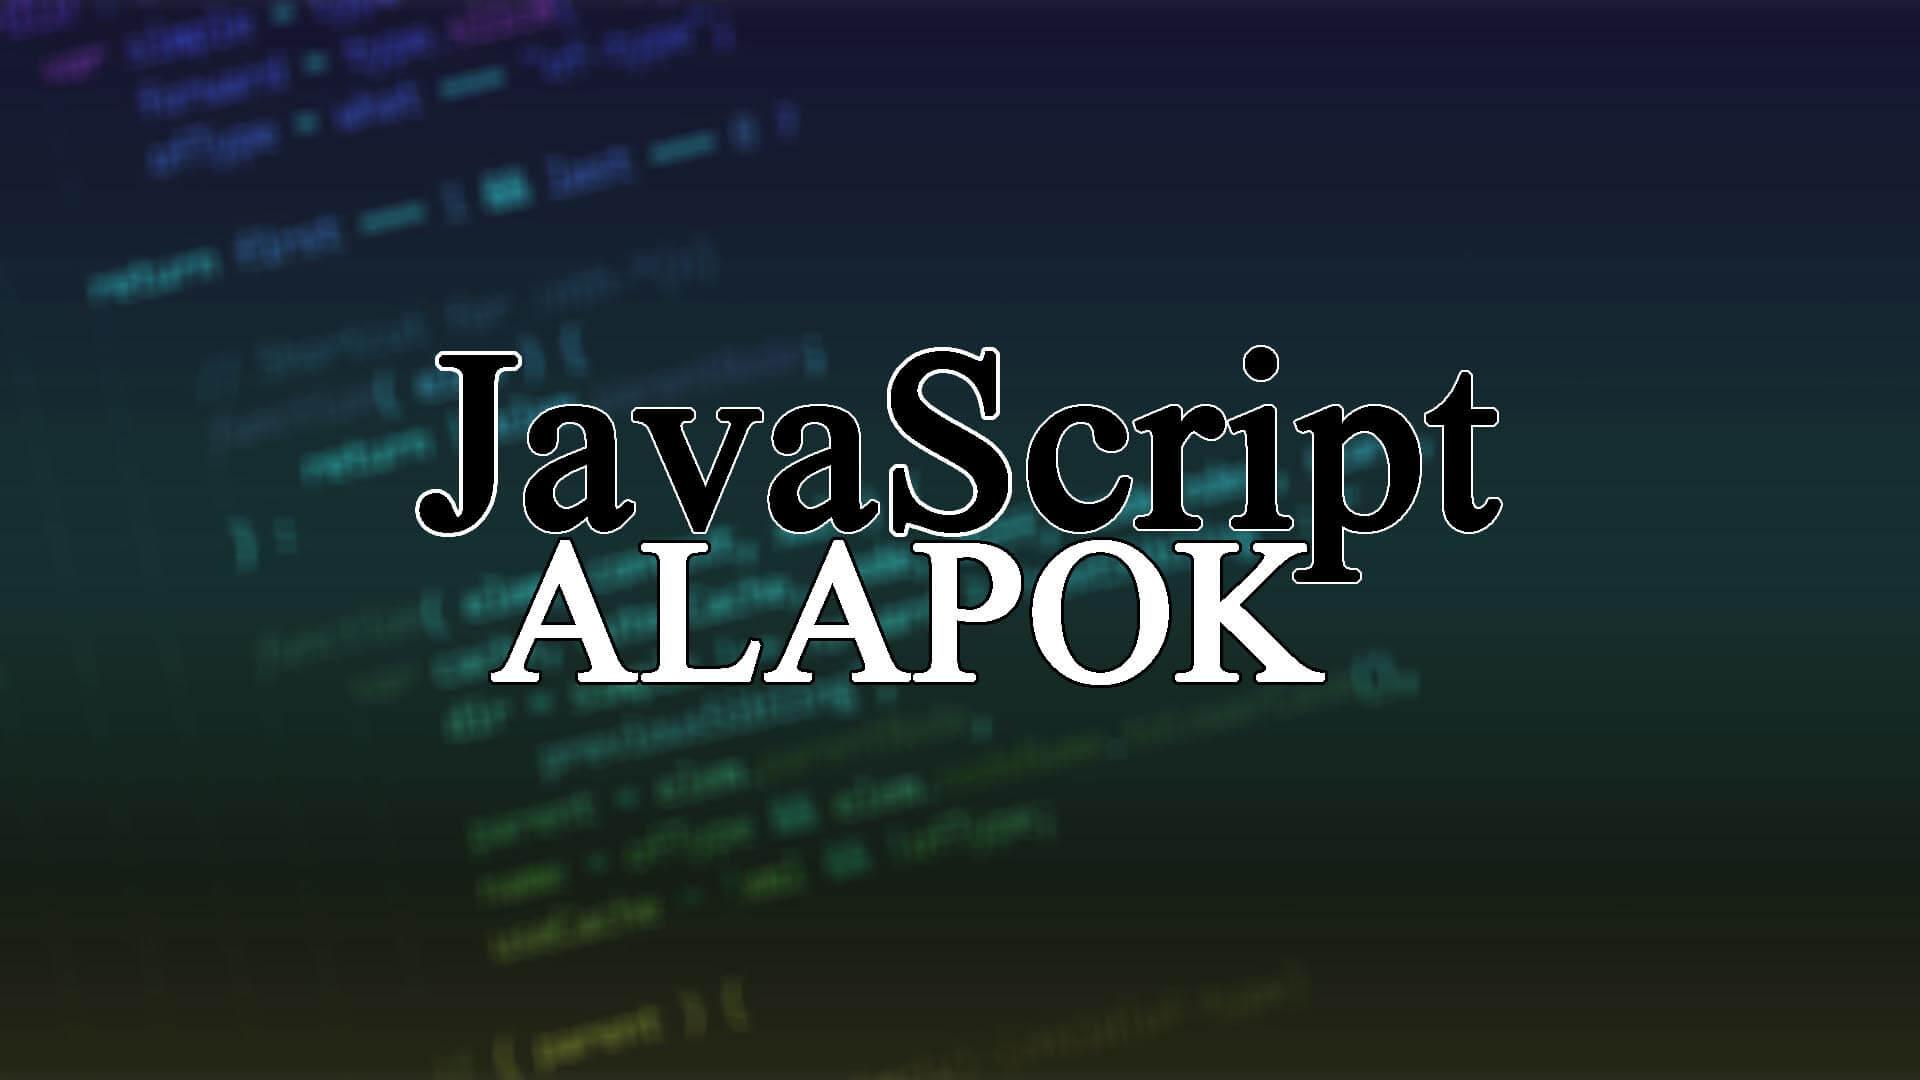 JavaScript alapok (A JS programozás alapjai) című cikk borítóképe